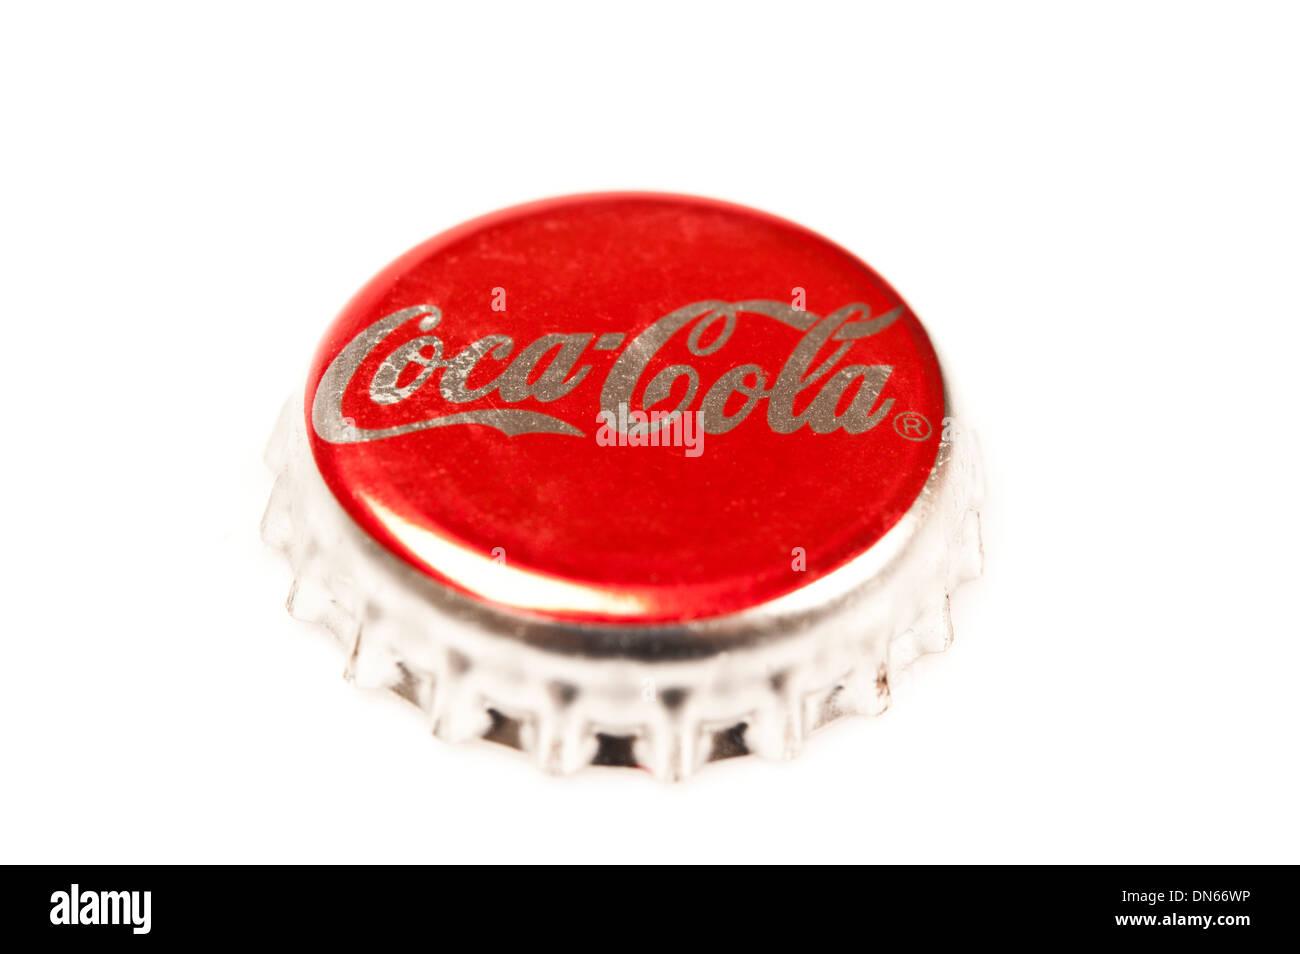 Bouchon de bouteille de Coca Cola Photo Stock